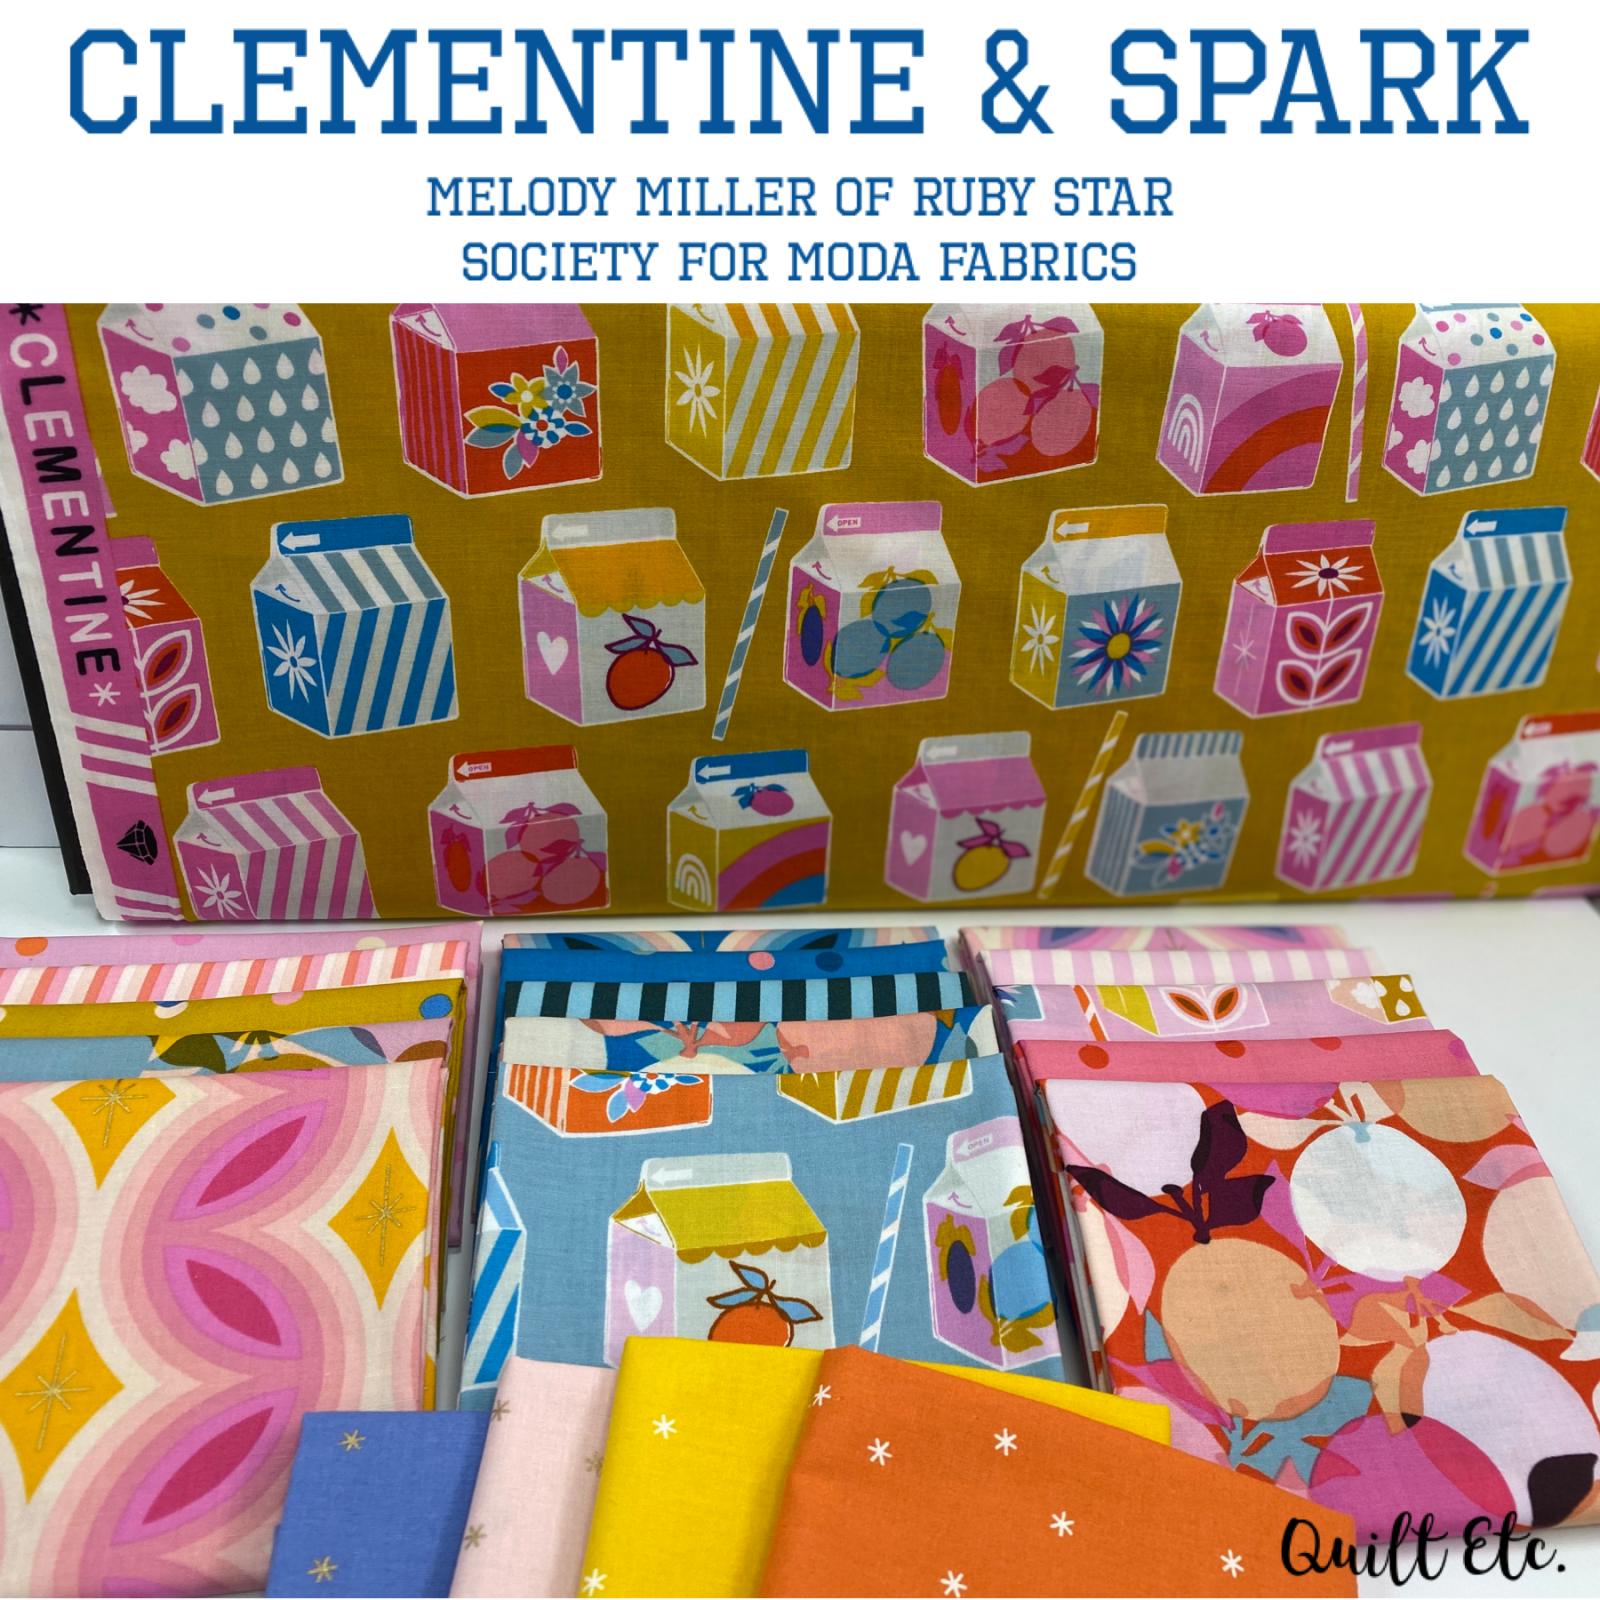 Clementine & Spark